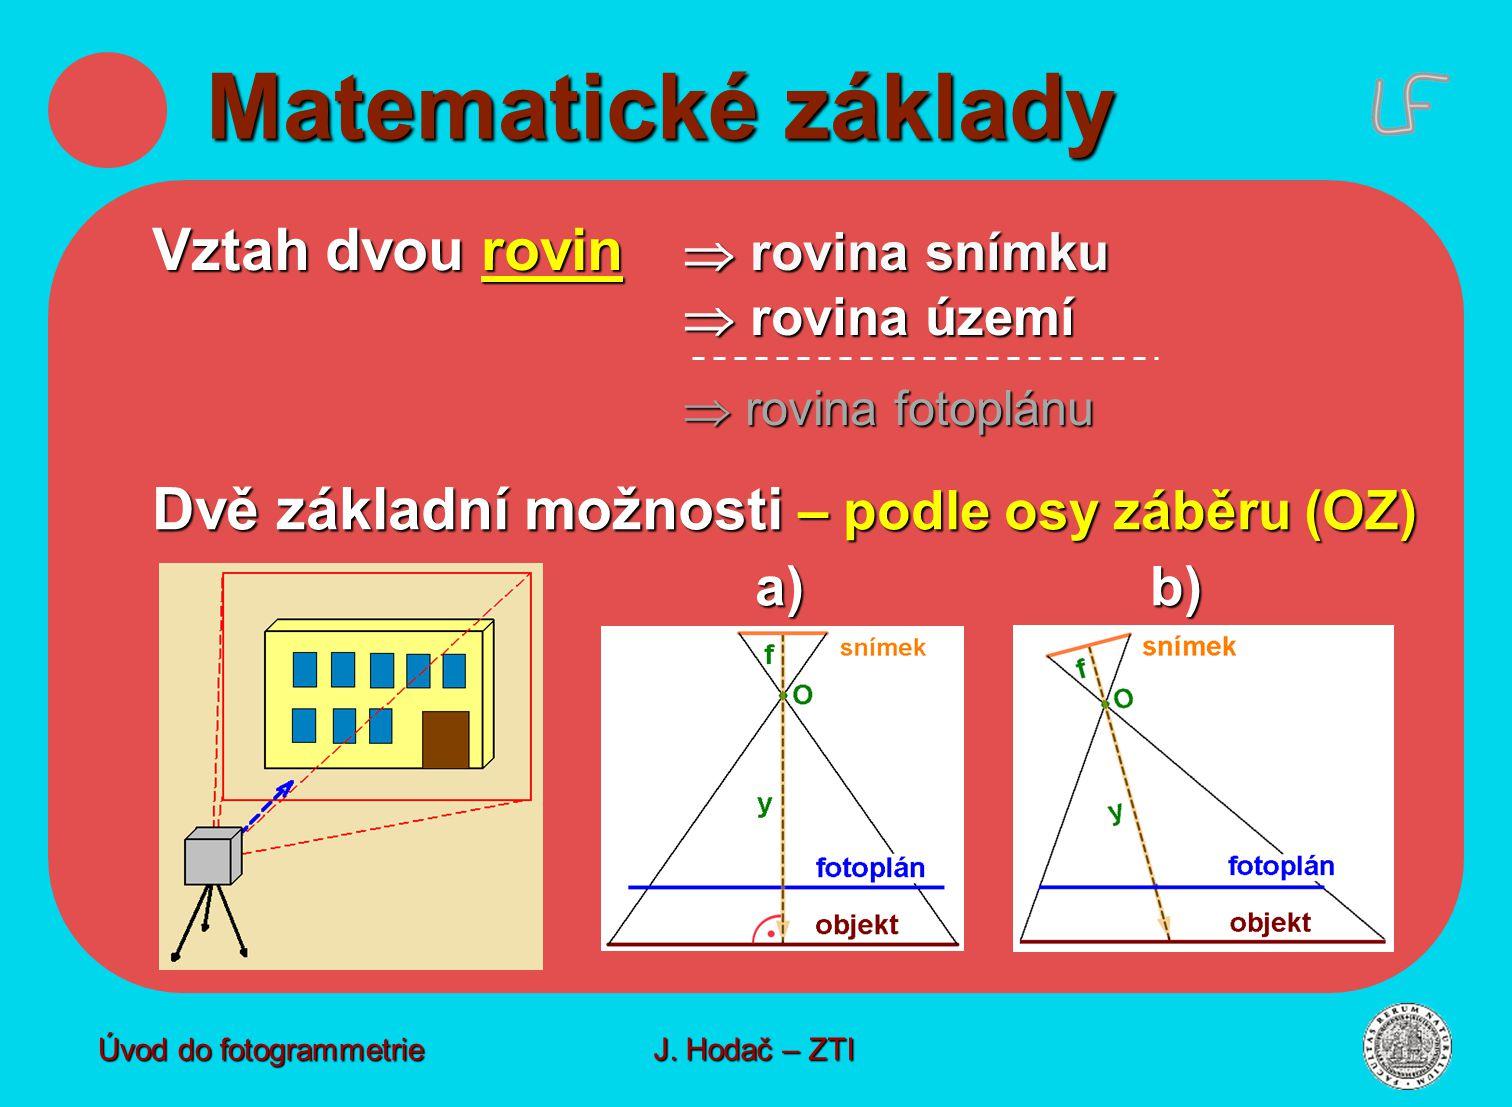 Vztah dvou rovin  rovina snímku  rovina území  rovina fotoplánu Dvě základní možnosti – podle osy záběru (OZ) a)b) Matematické základy Matematické